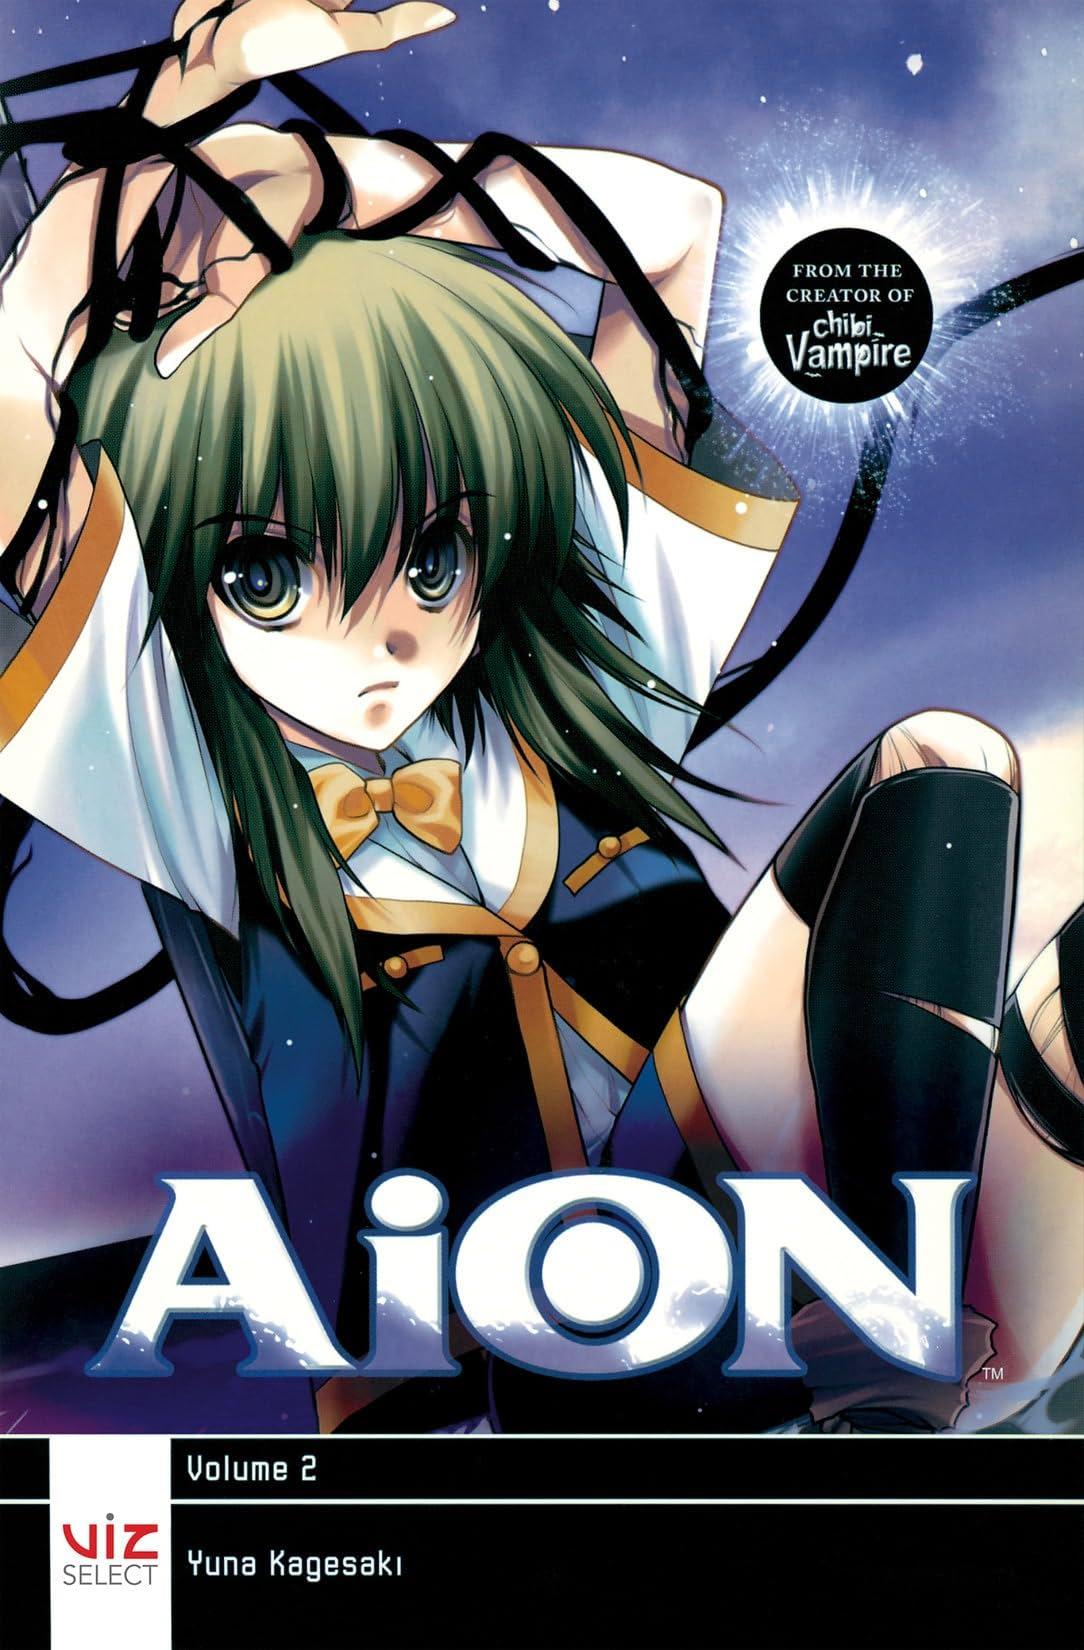 AiON Vol. 2